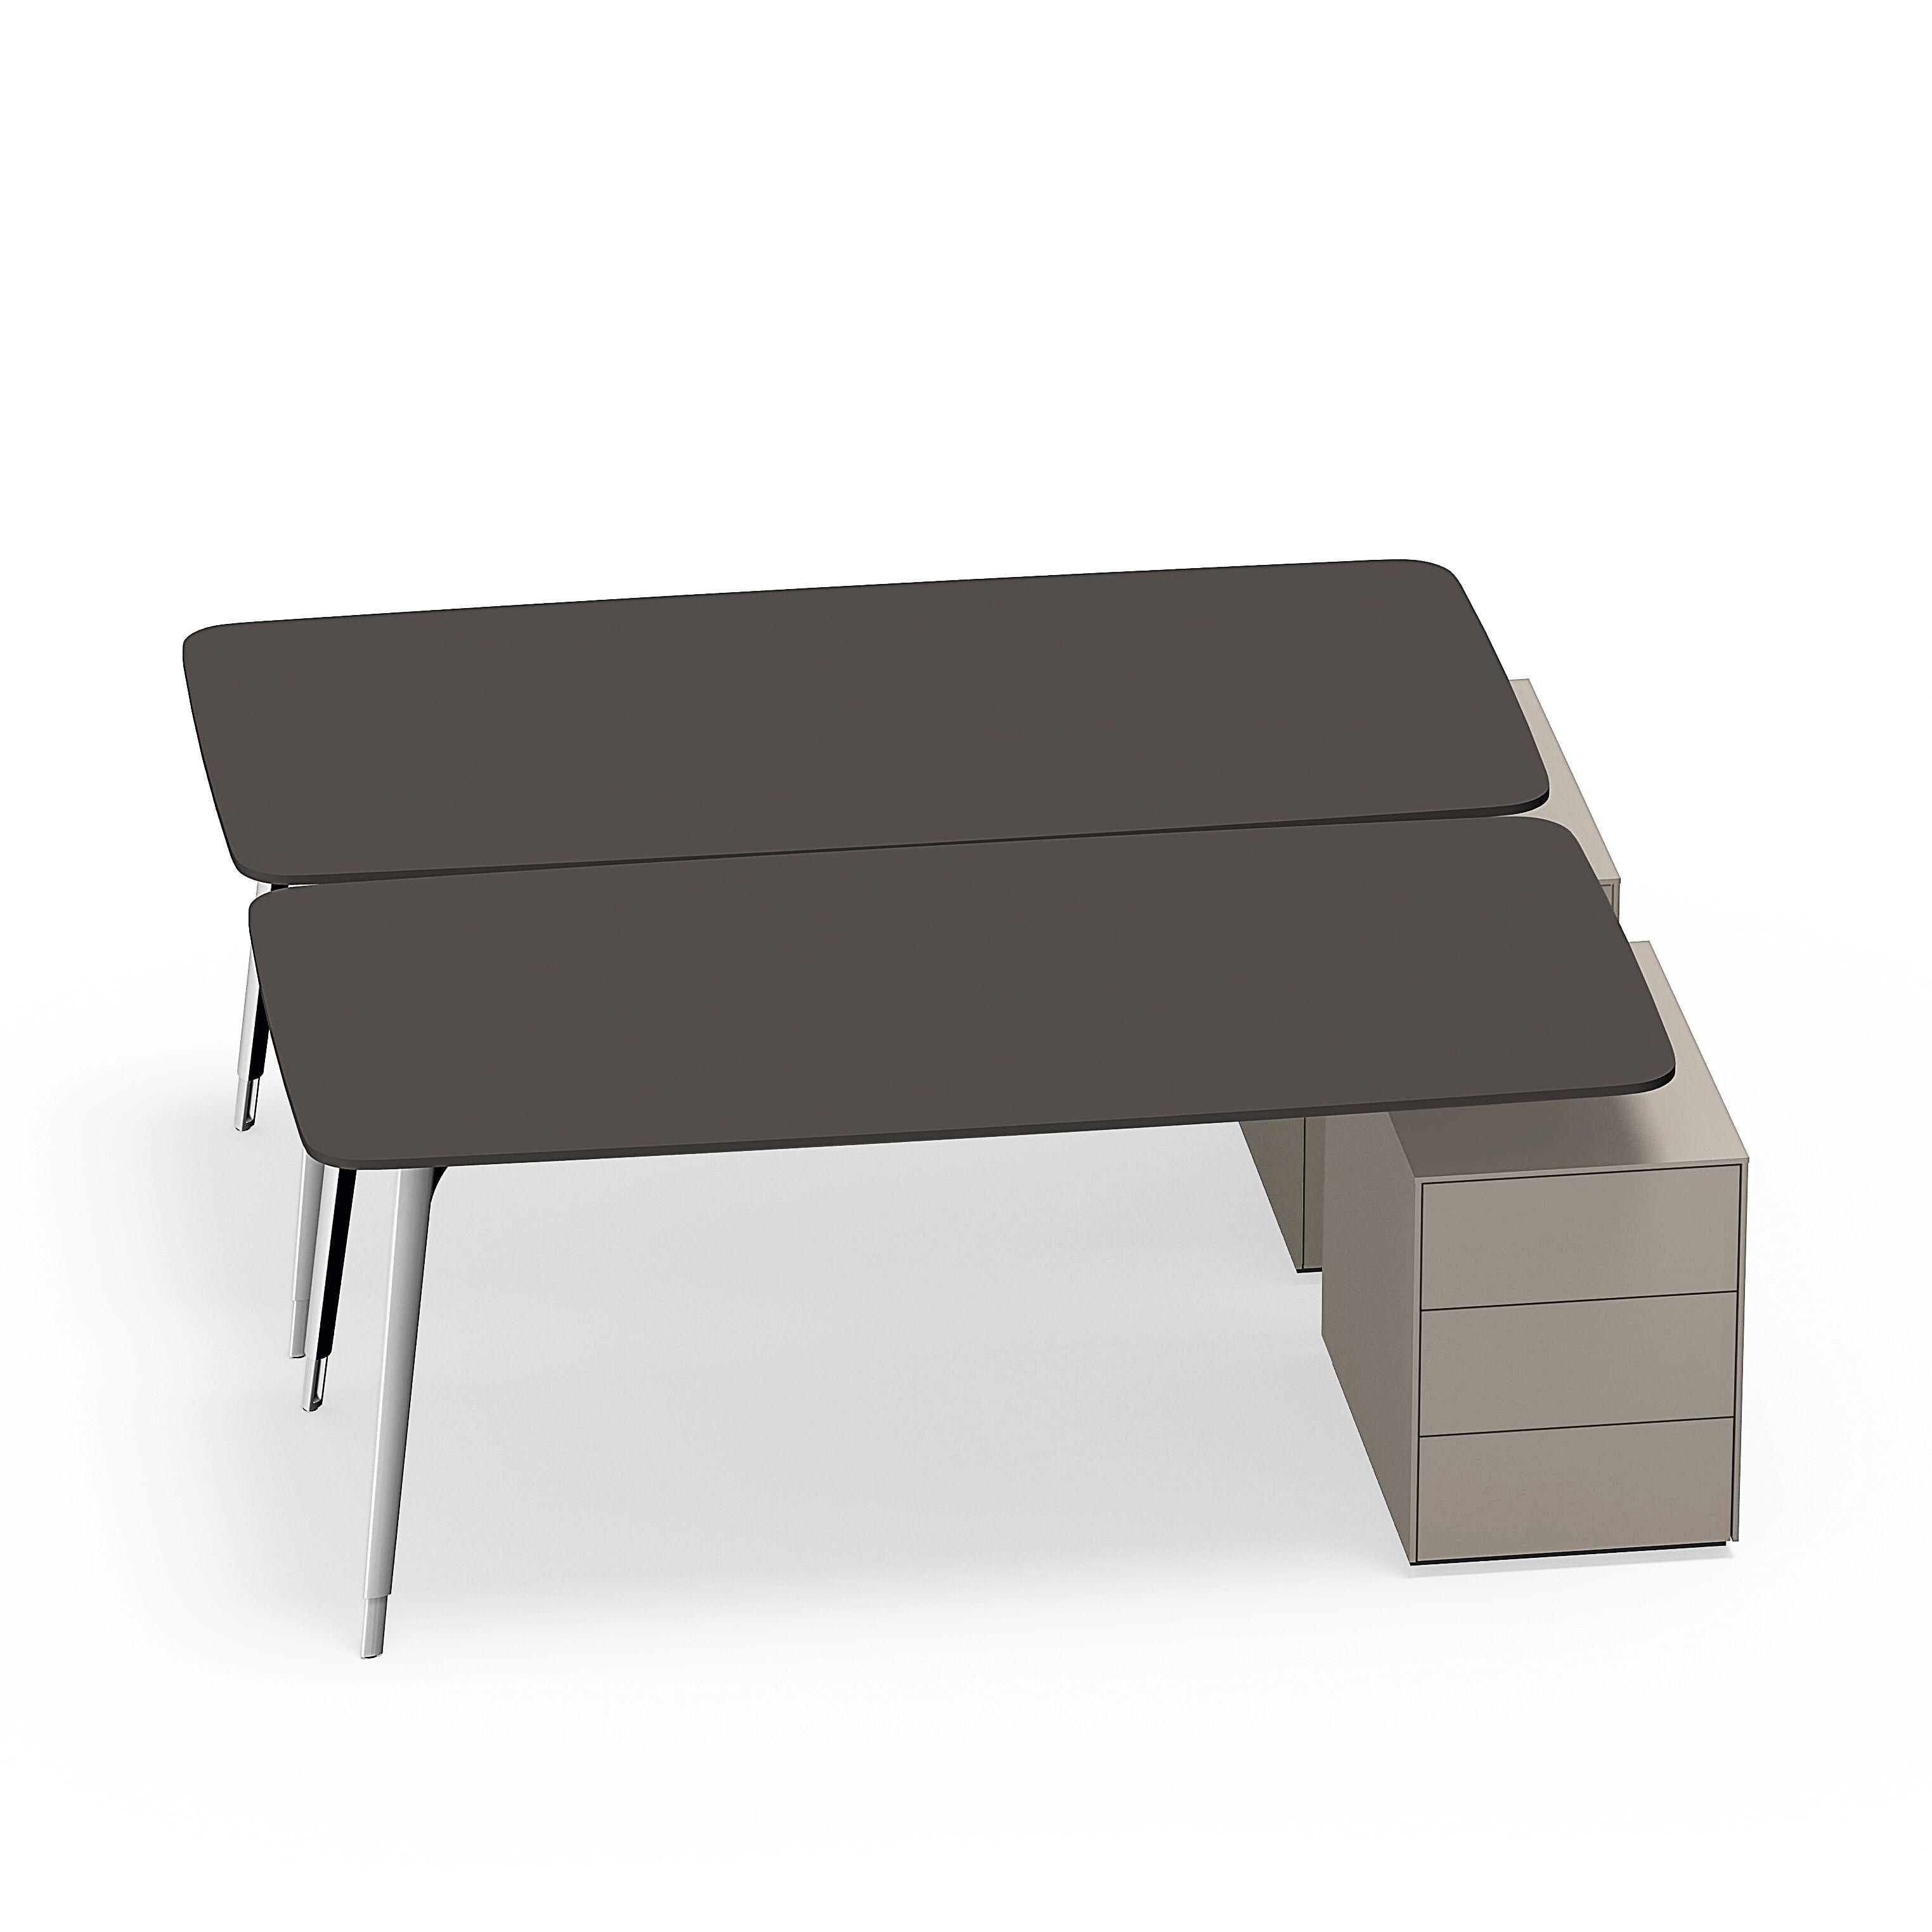 02-WK-Keypiece_Management_Desk-0004-H.tif